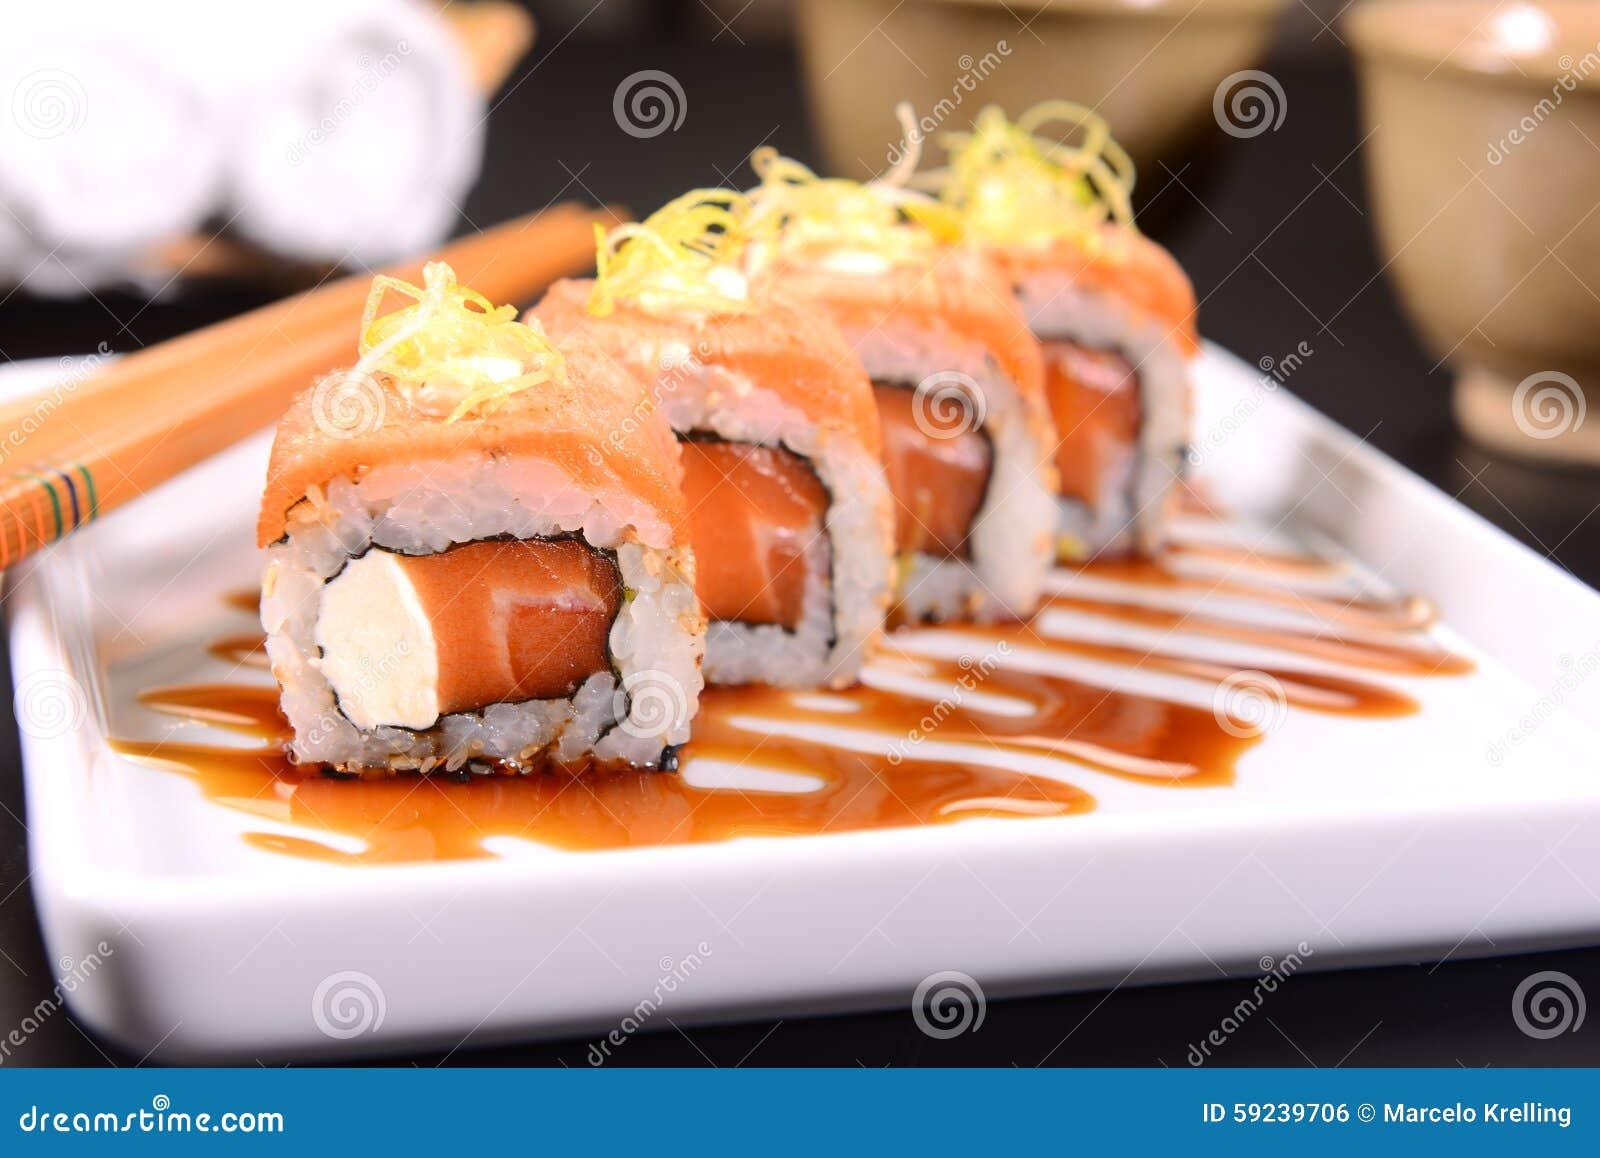 Download Sushi foto de archivo. Imagen de gente, mano, alimento - 59239706